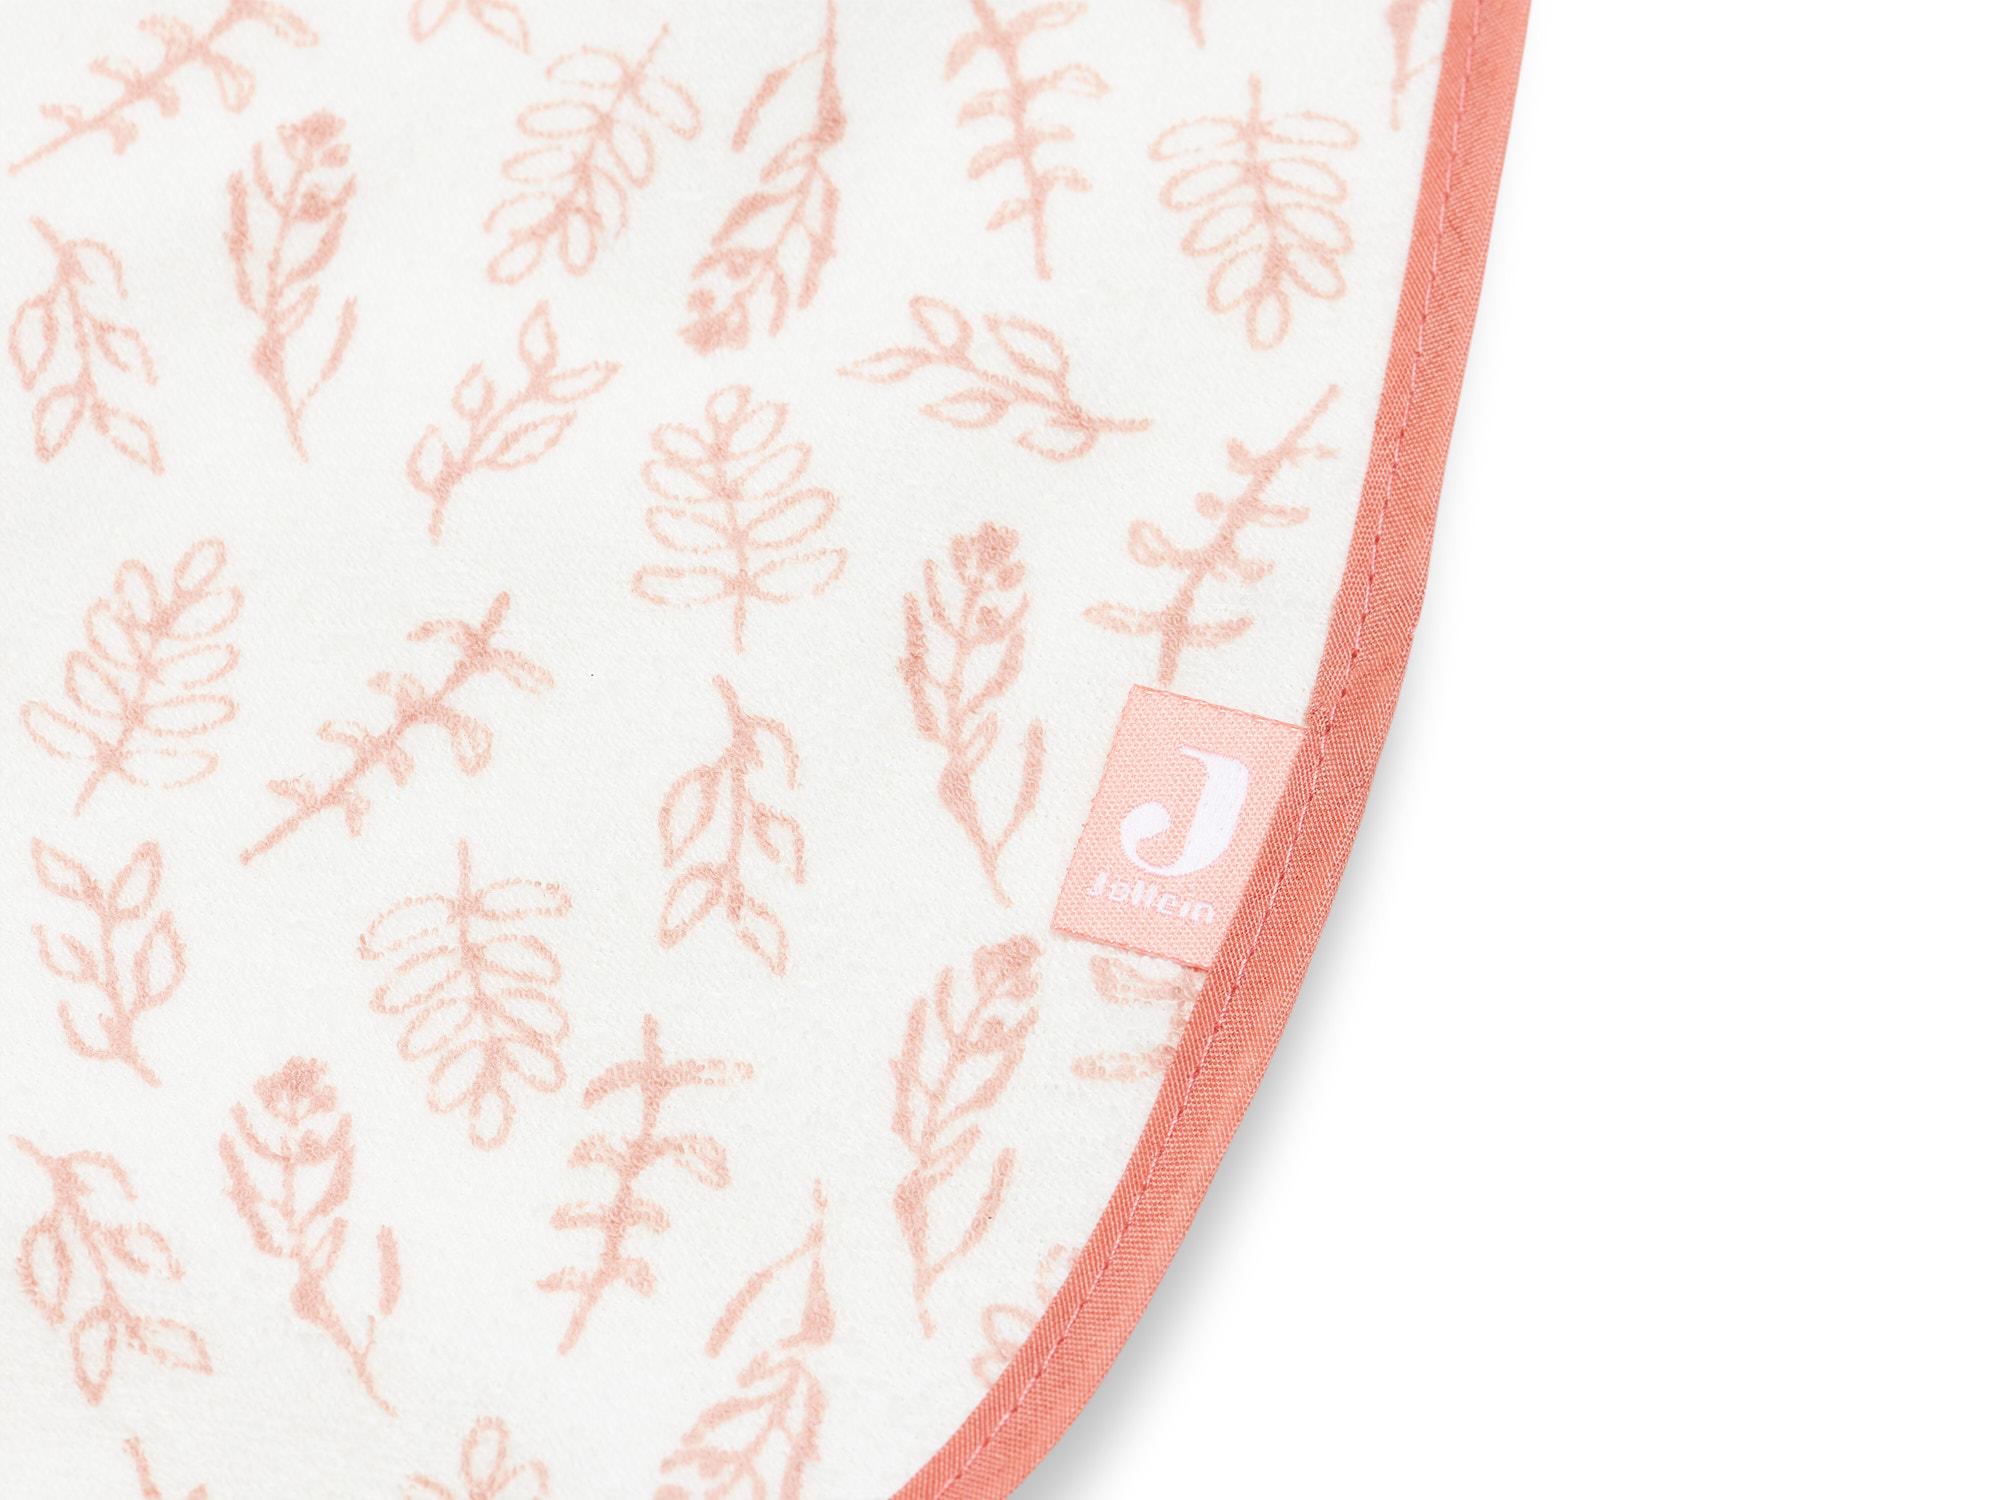 Afbeelding Jollein Slab I Meadow Rosewood (3pack)